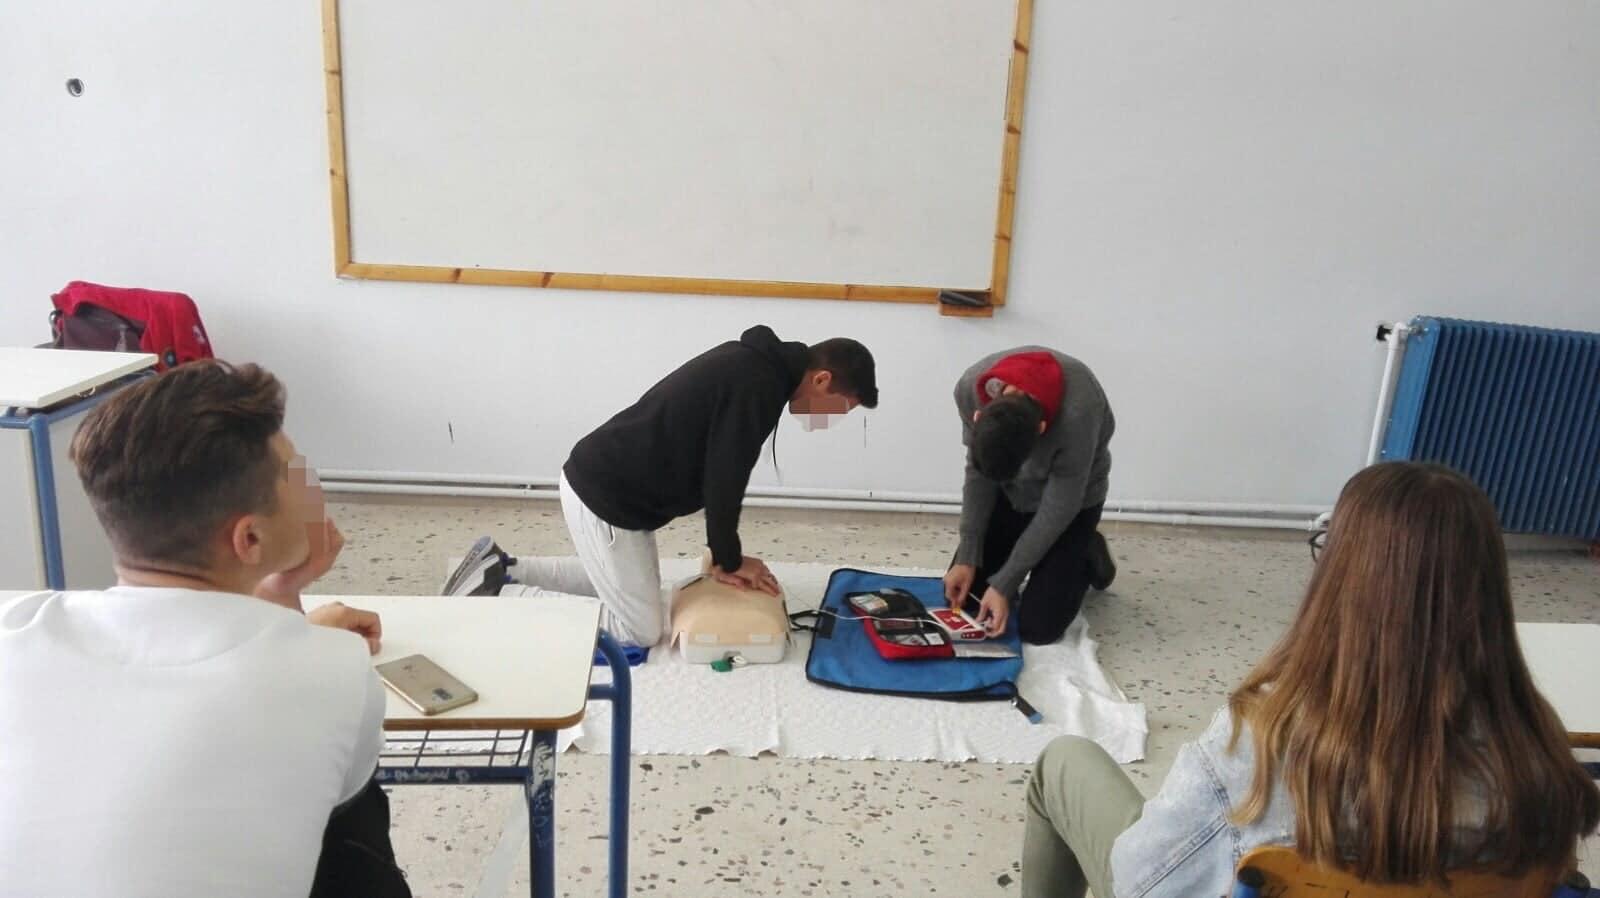 Εκπαίδευση στις Α΄ Βοήθειες από τη Διασωστική Ομάδα Πιερίας στο Λύκειο Κολινδρού